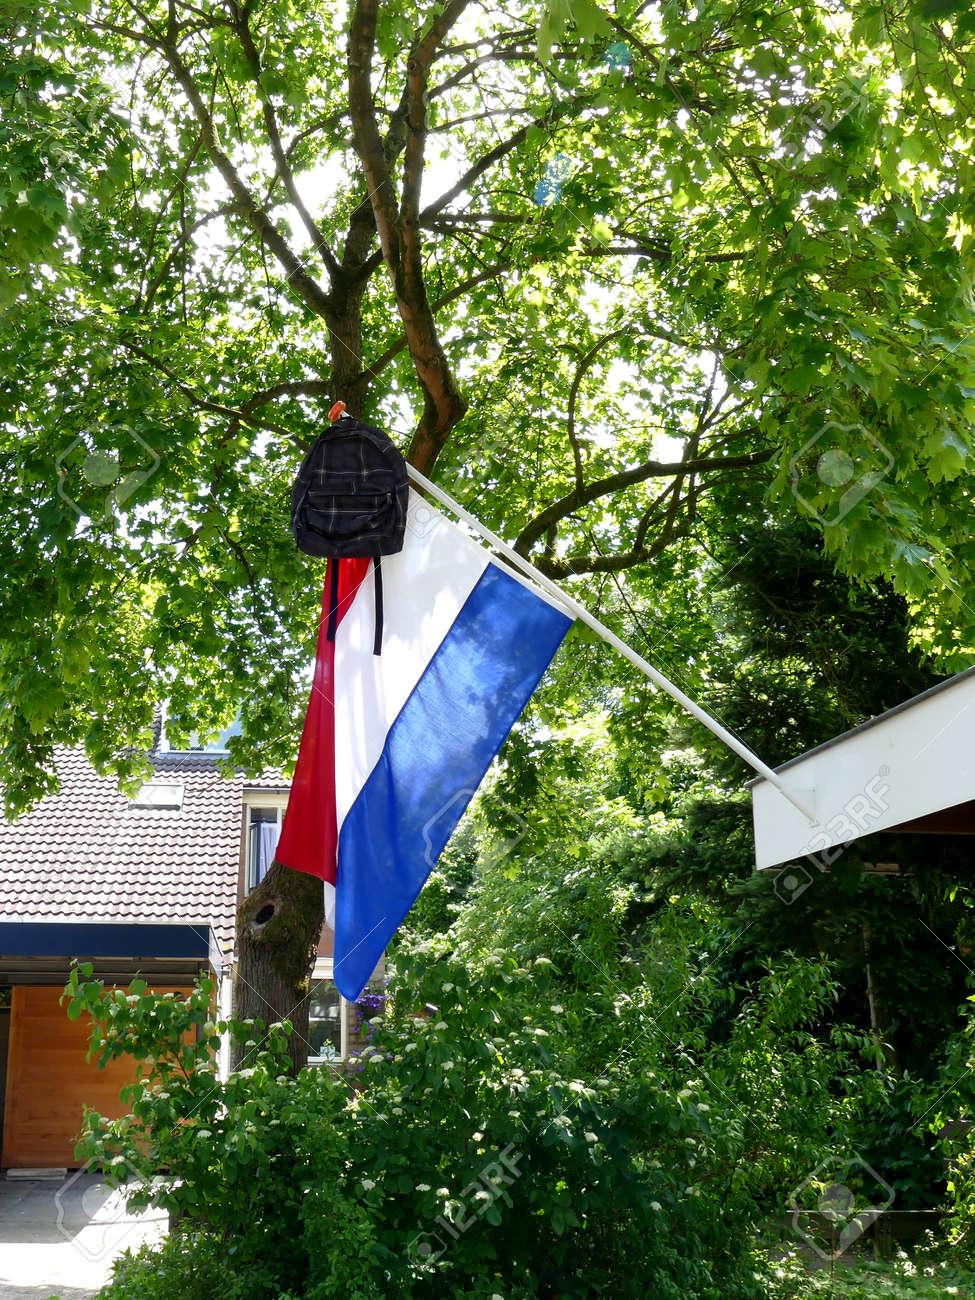 Dutch tradition school bag on flag When graduating - 57885881